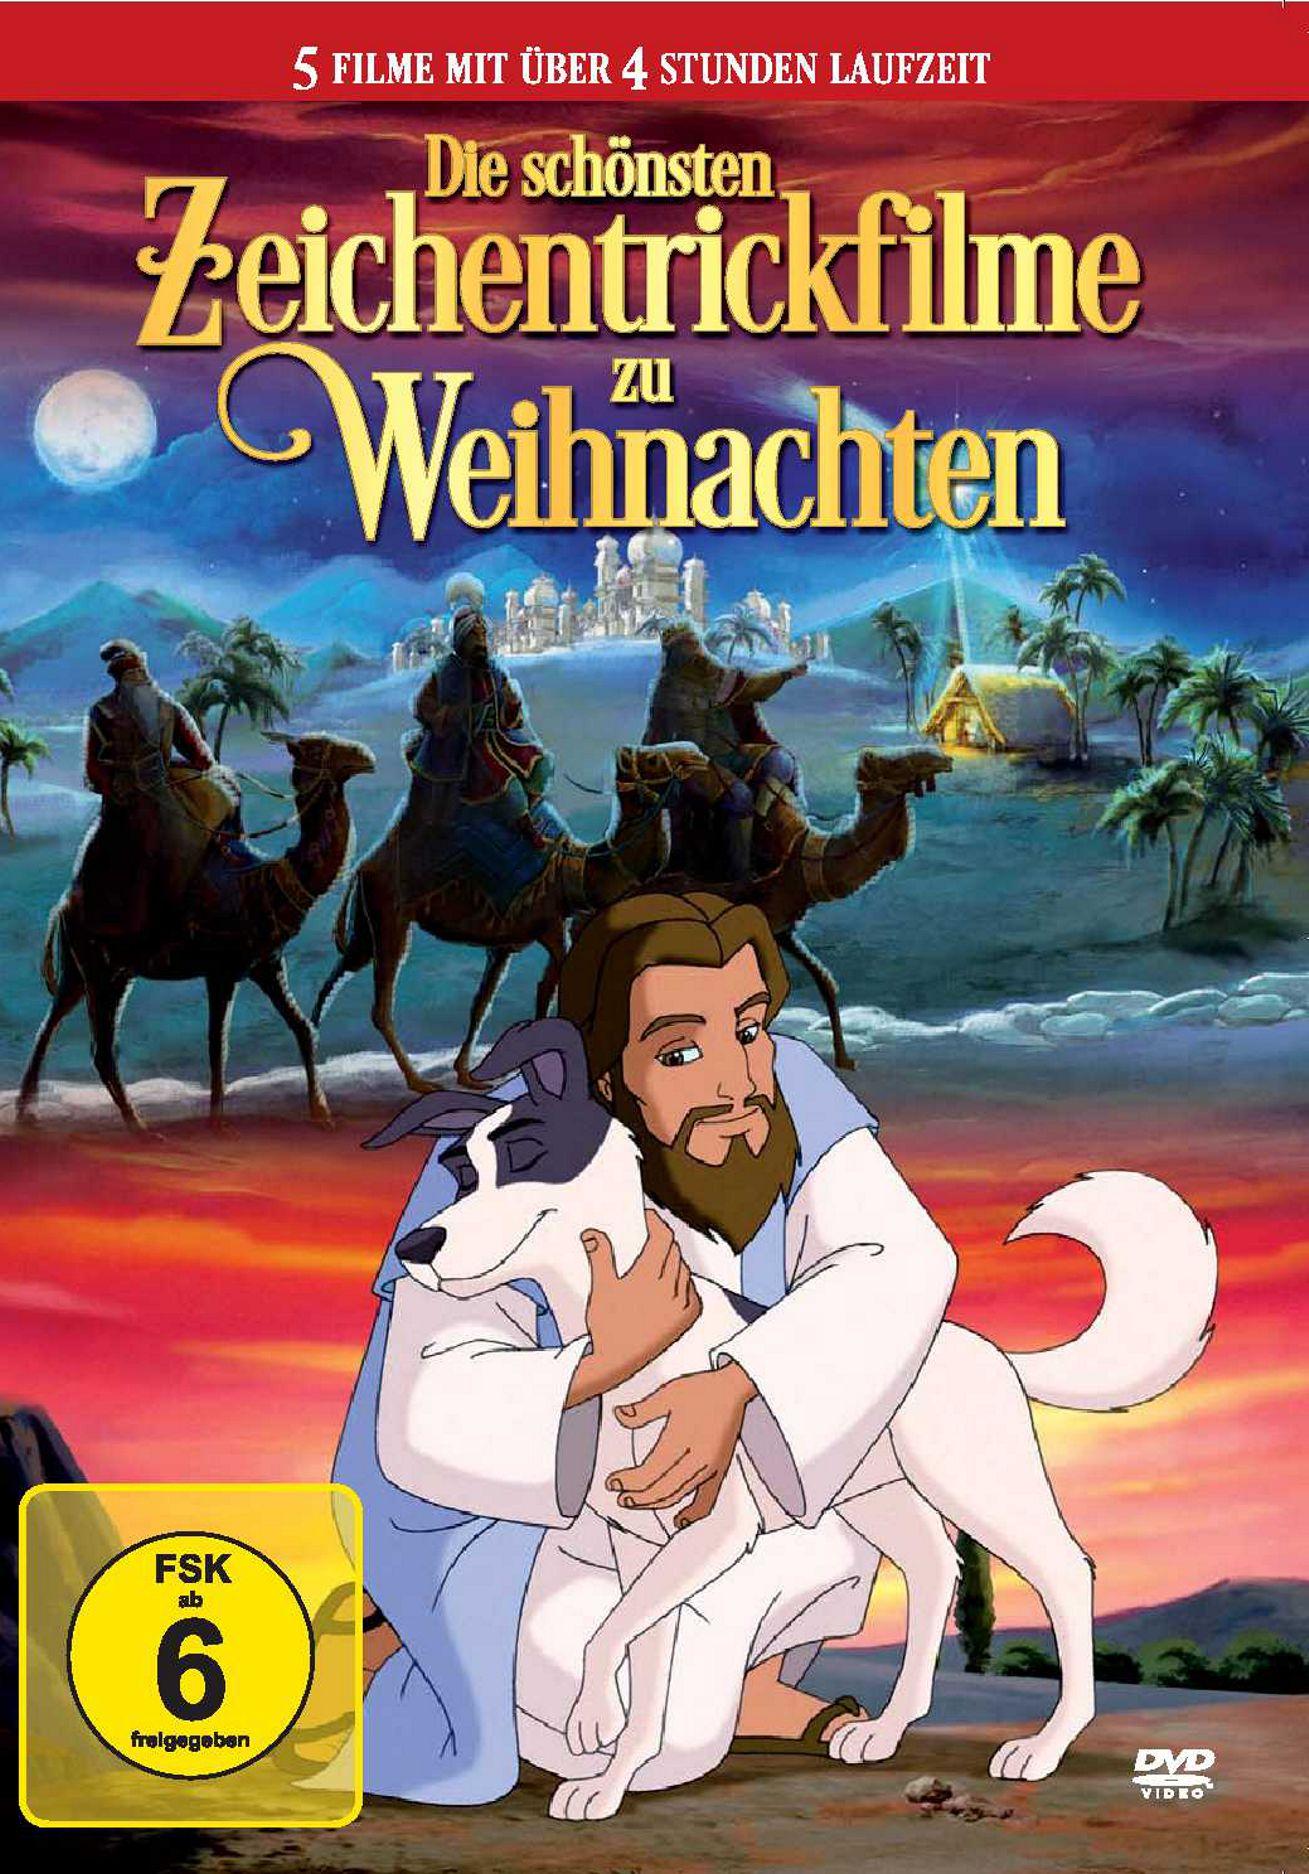 Zeichentrickfilme Weihnachten